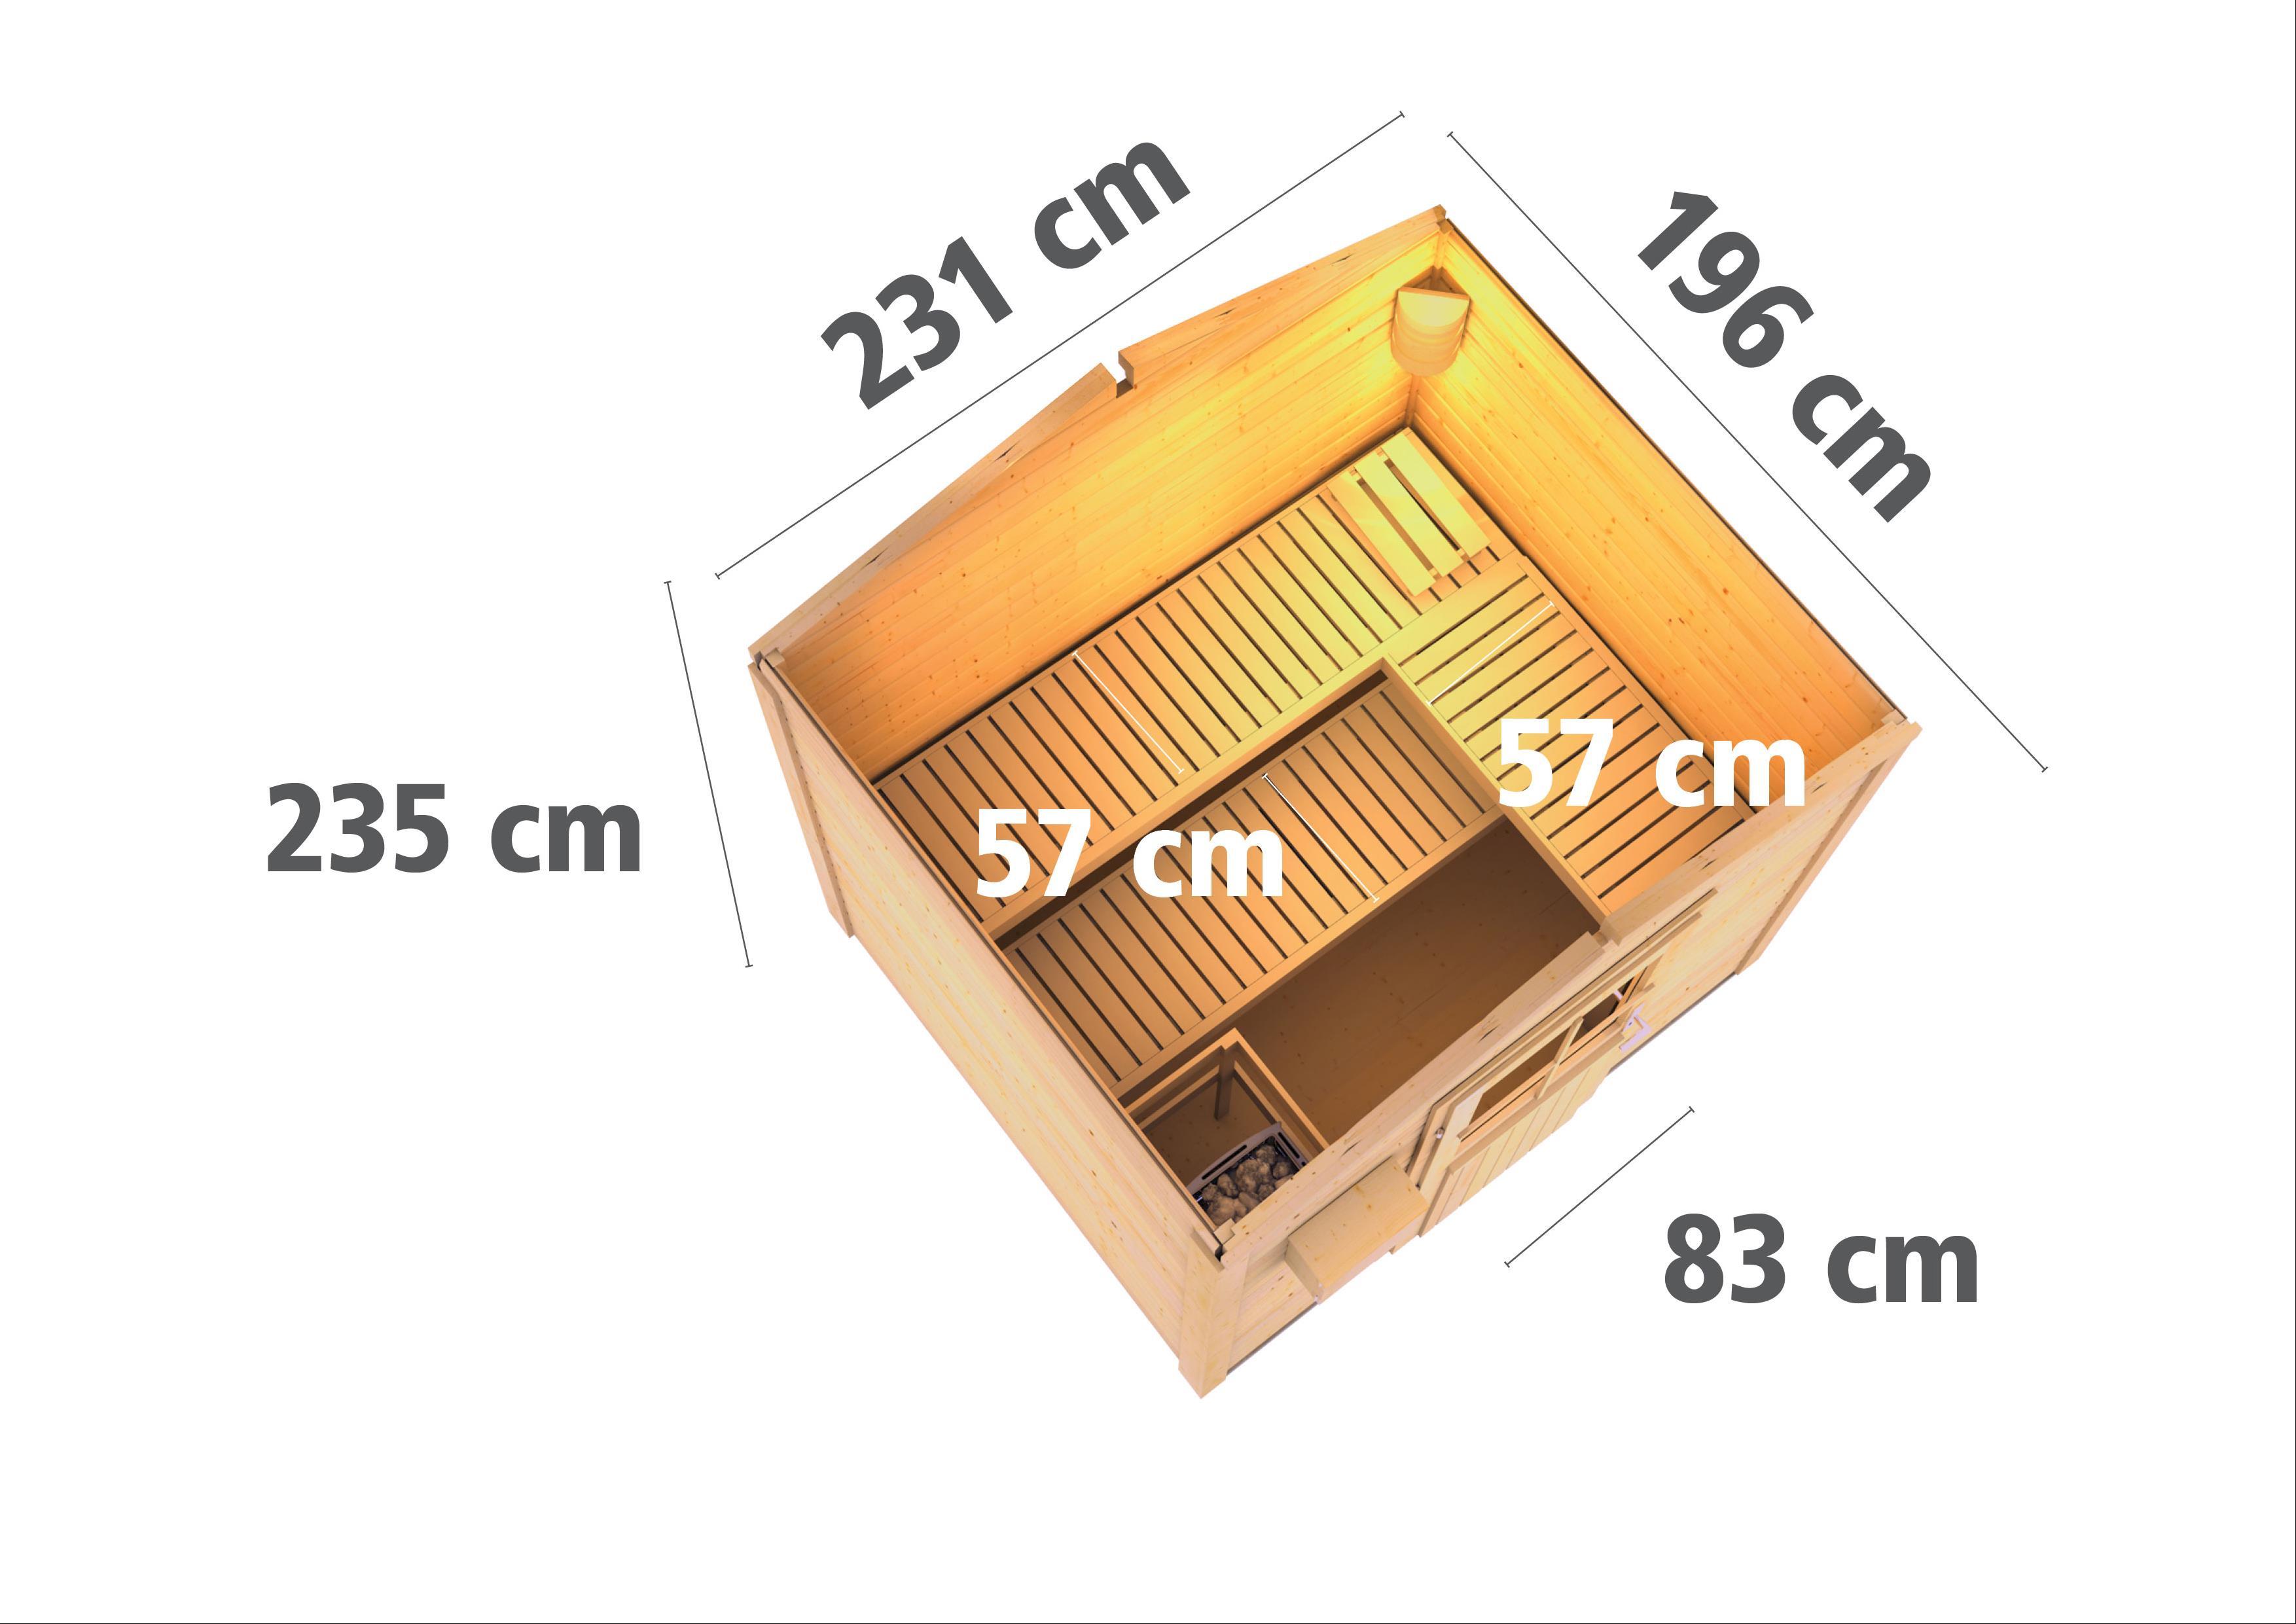 Gartensauna Karibu Saunahaus Bosse 1 38mm Ofen 9kW ext.Tür Milchglas Bild 3